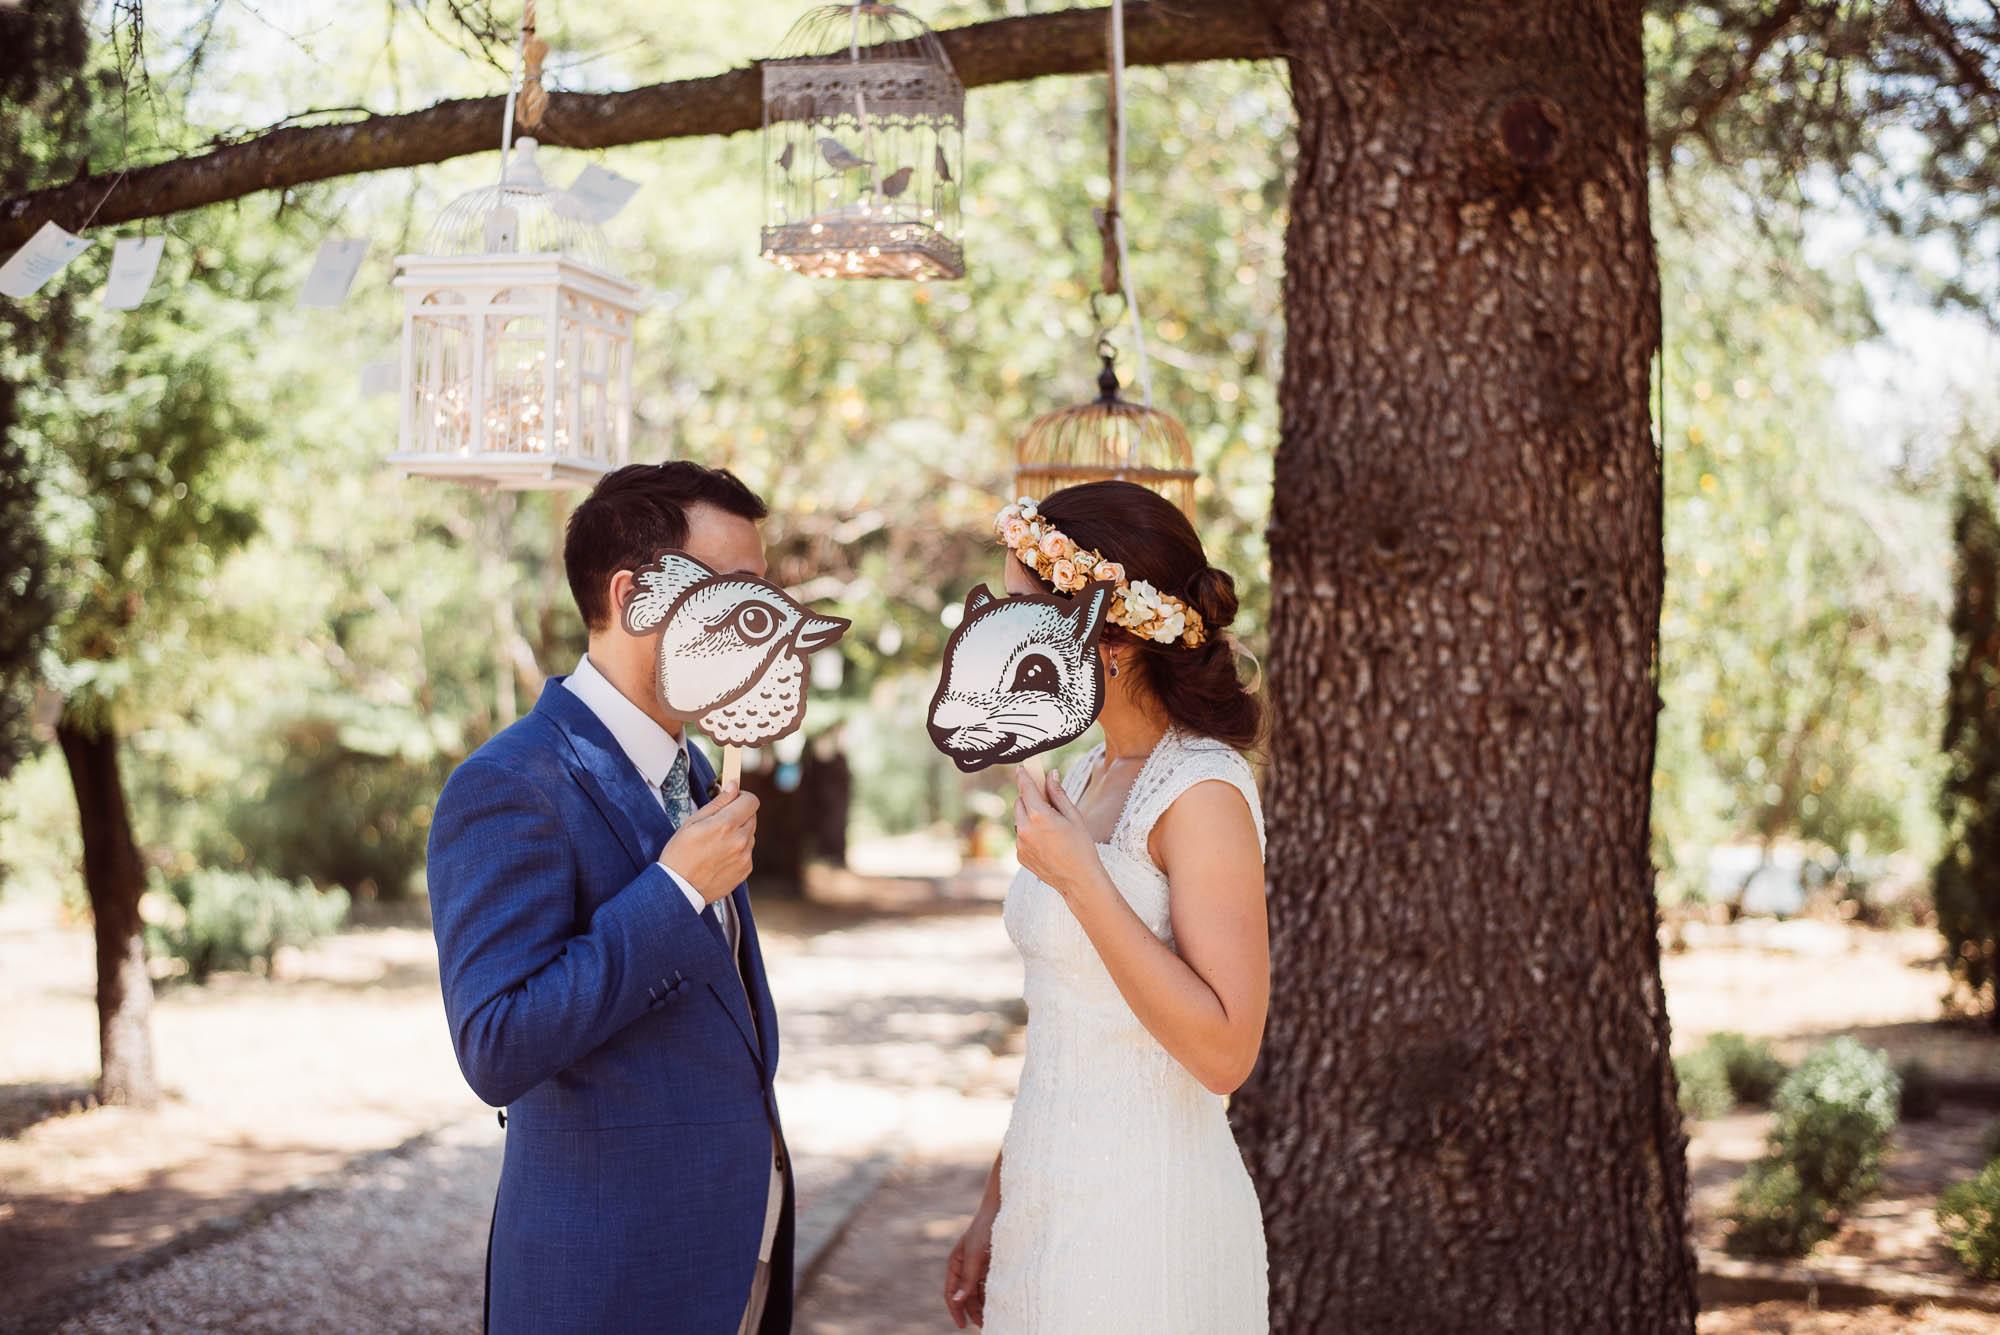 Los novios juegan con máscaras durante el paseo